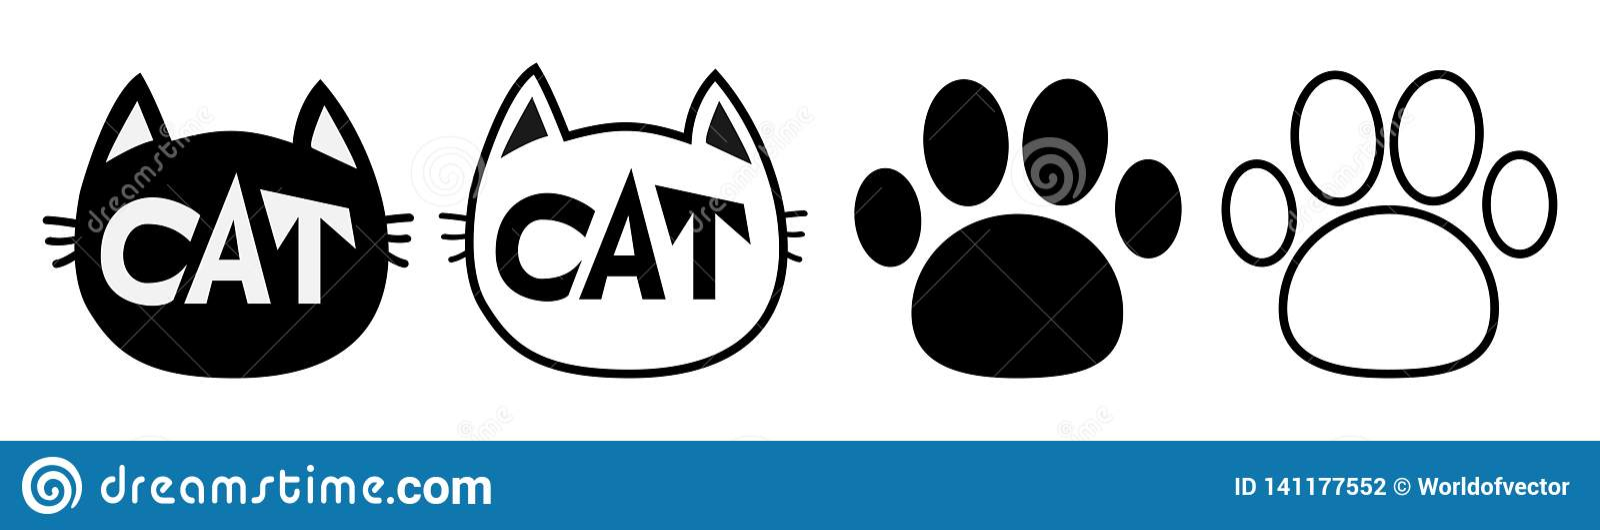 Línea principal del sistema del icono de la silueta del contorno de la cara del gato negro pictogram Pista vacía de la impresión